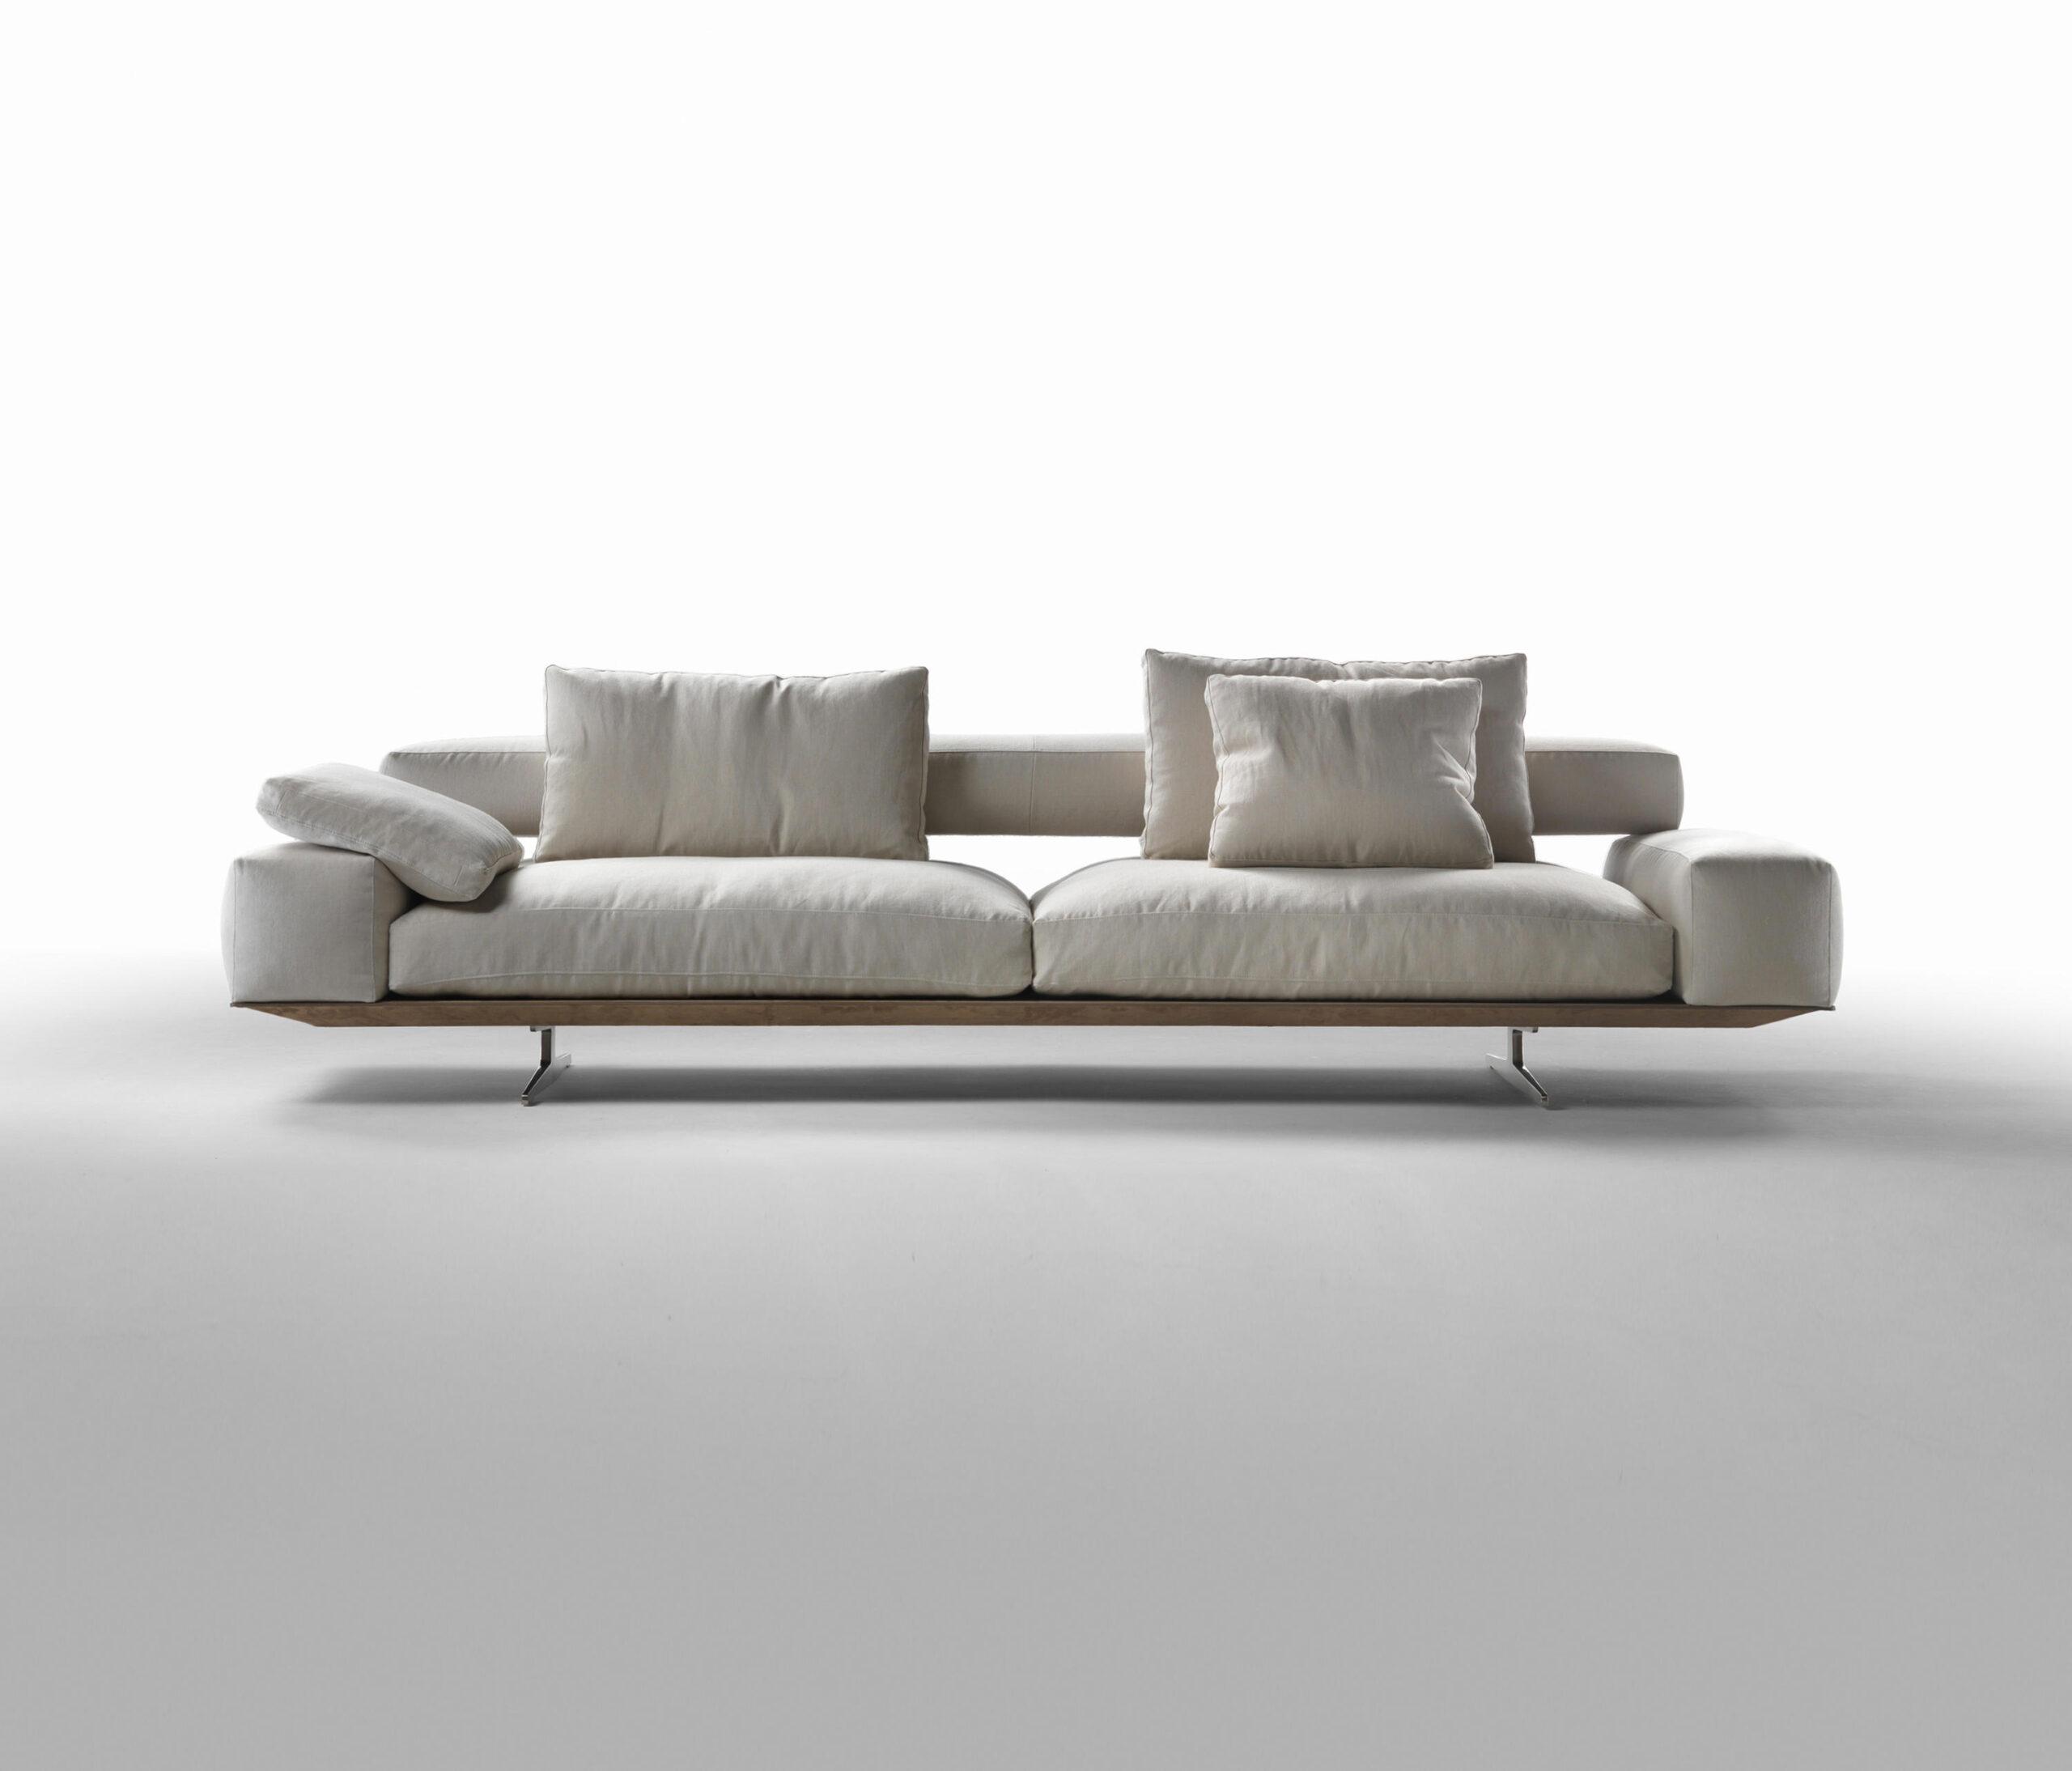 Full Size of Flexform Sofa Wing Sofas Von Architonic Chippendale Creme Rattan Xora Vitra 3er Grau überzug 2 5 Sitzer Mit Verstellbarer Sitztiefe Leder Chesterfield Sofa Flexform Sofa